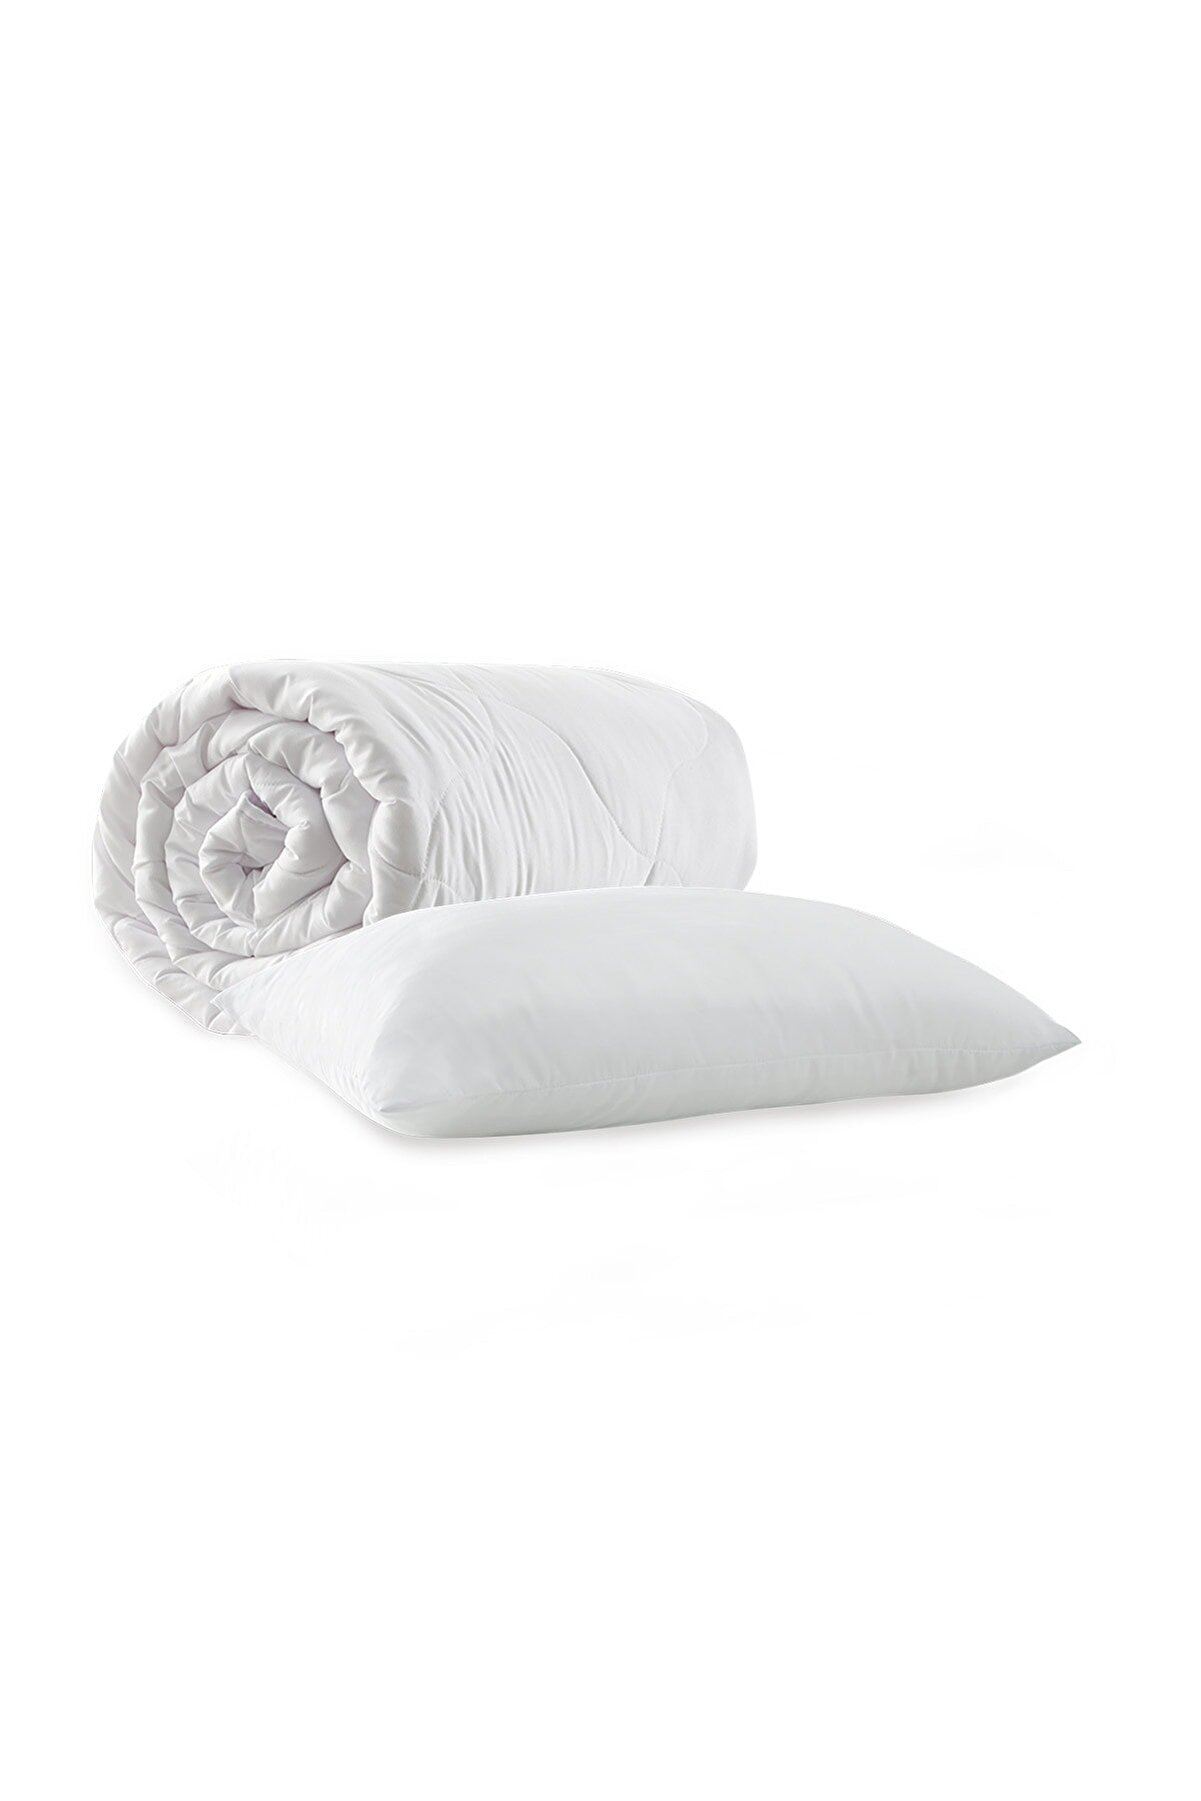 Yataş Handy Roll Pack Tek Kişilik Yastık&yorgan Seti